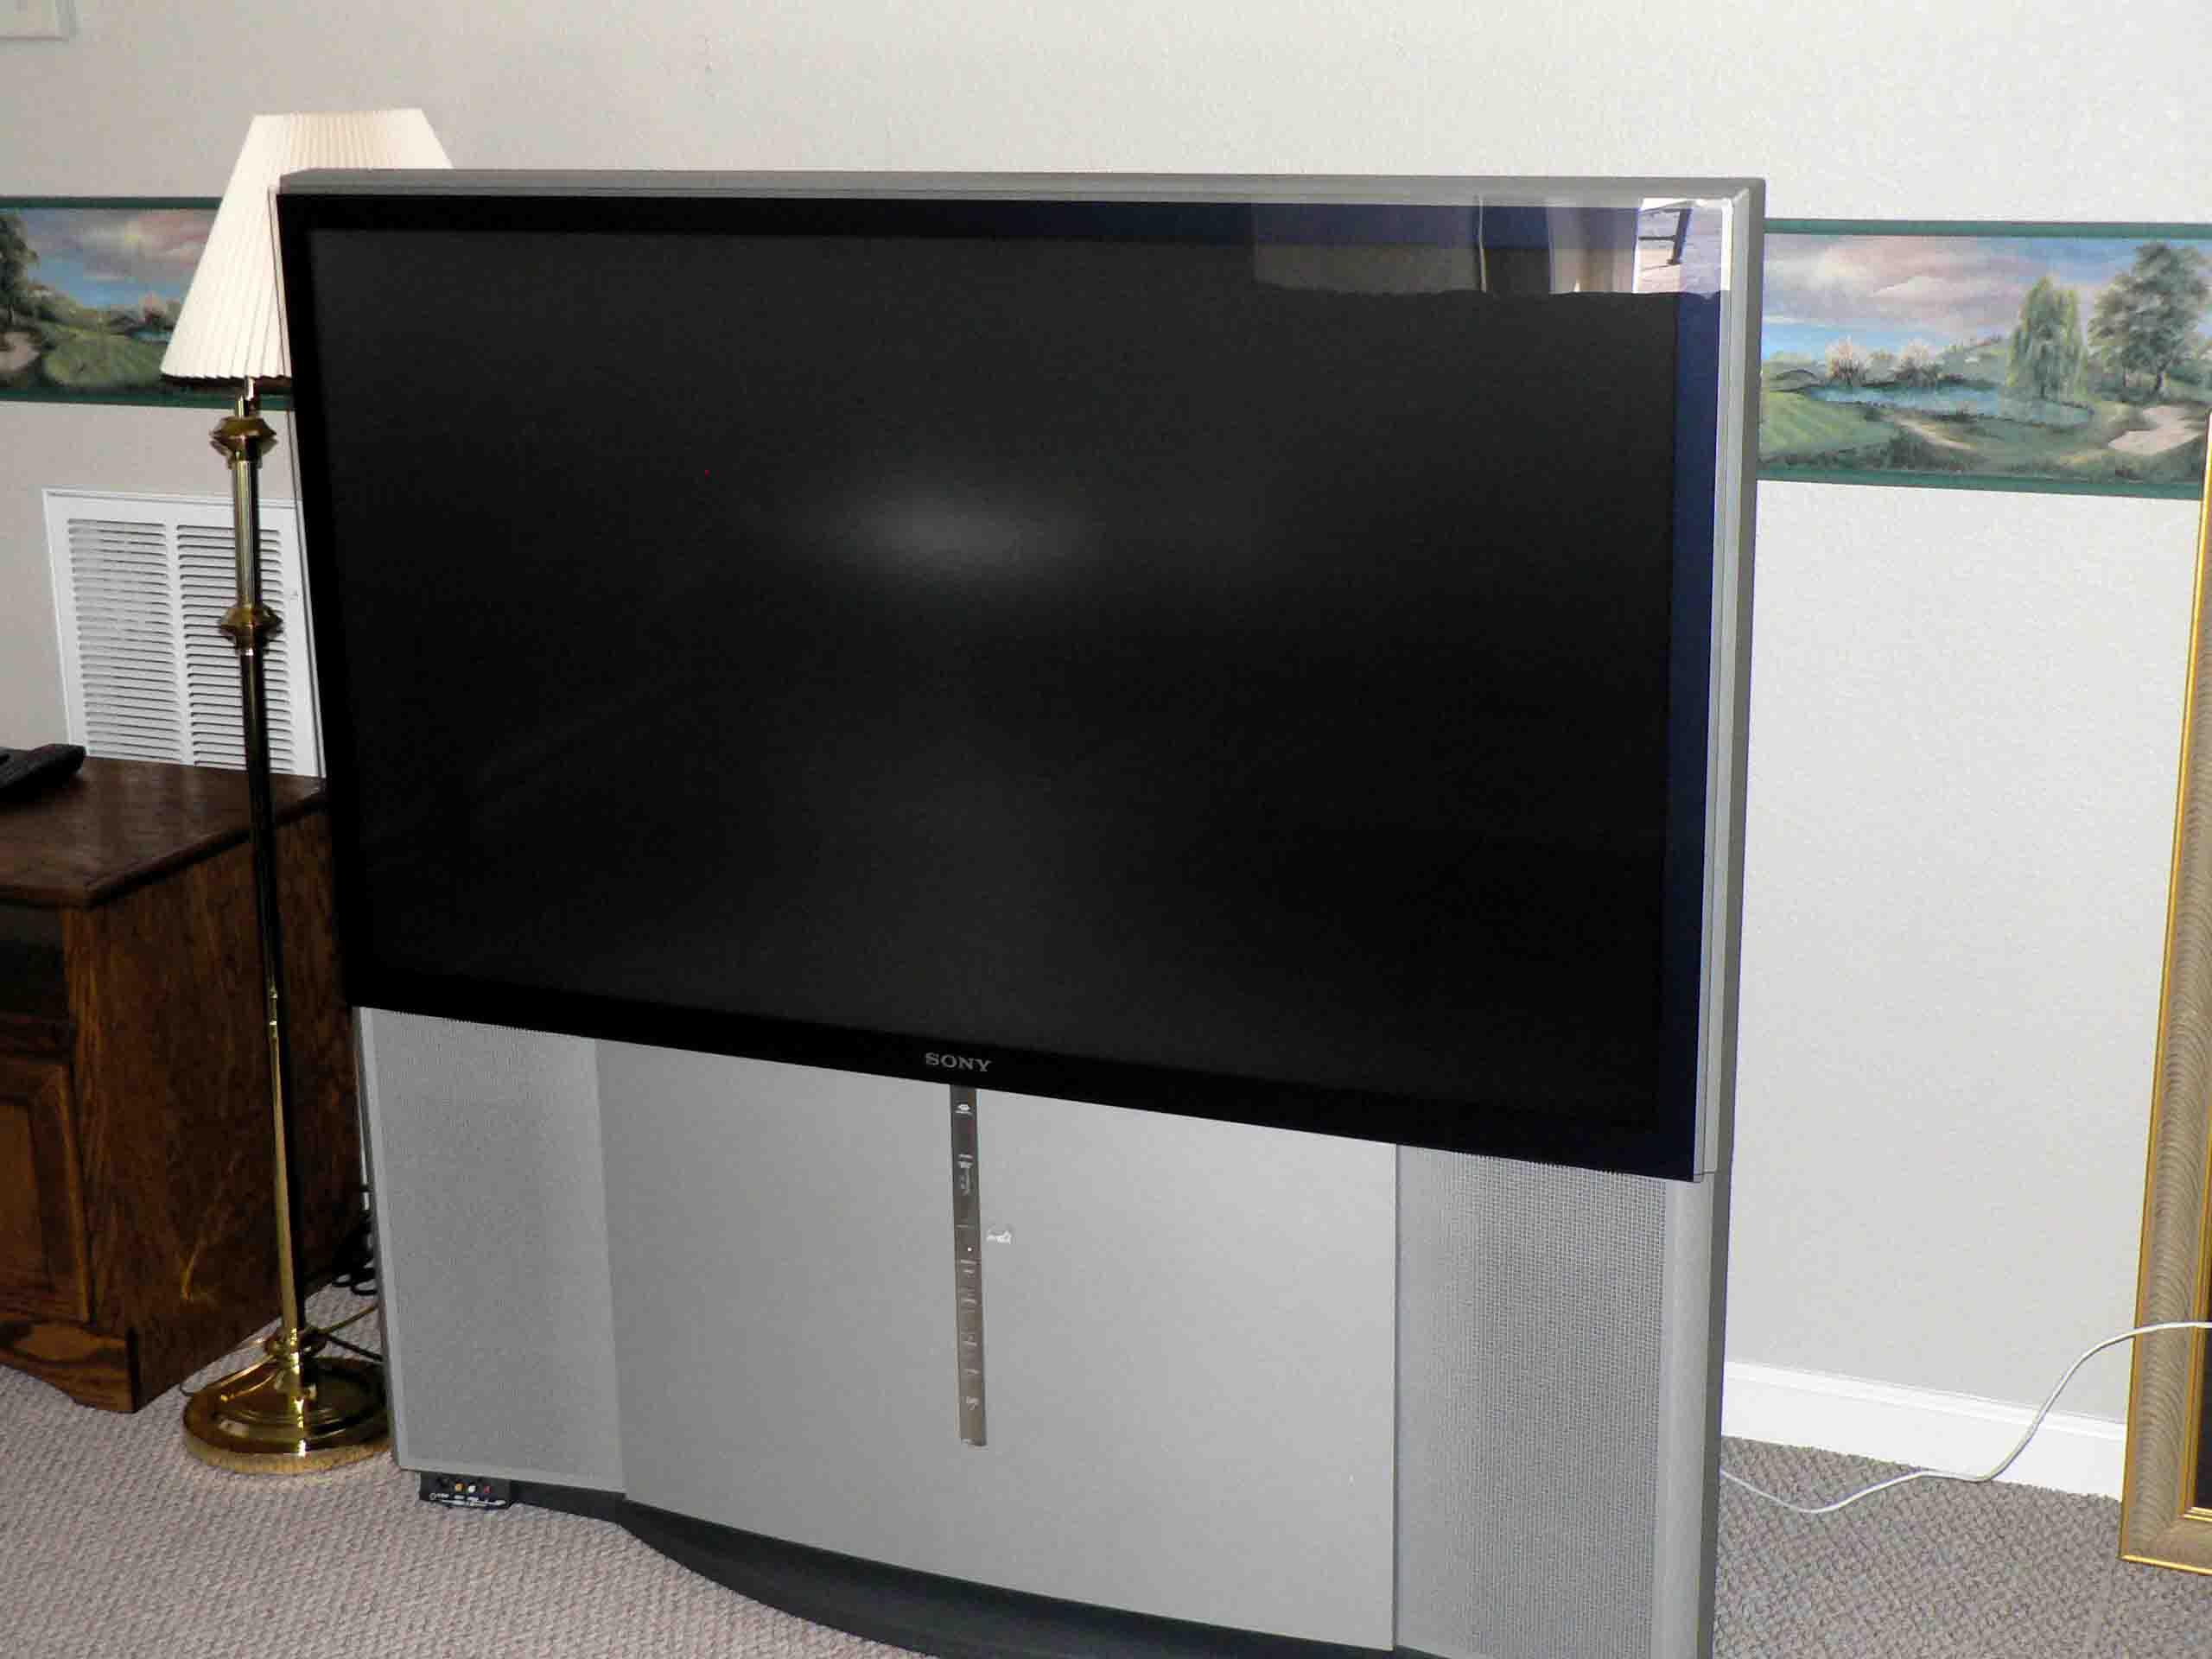 sony tv on sale. sony bigscreen tv tv on sale